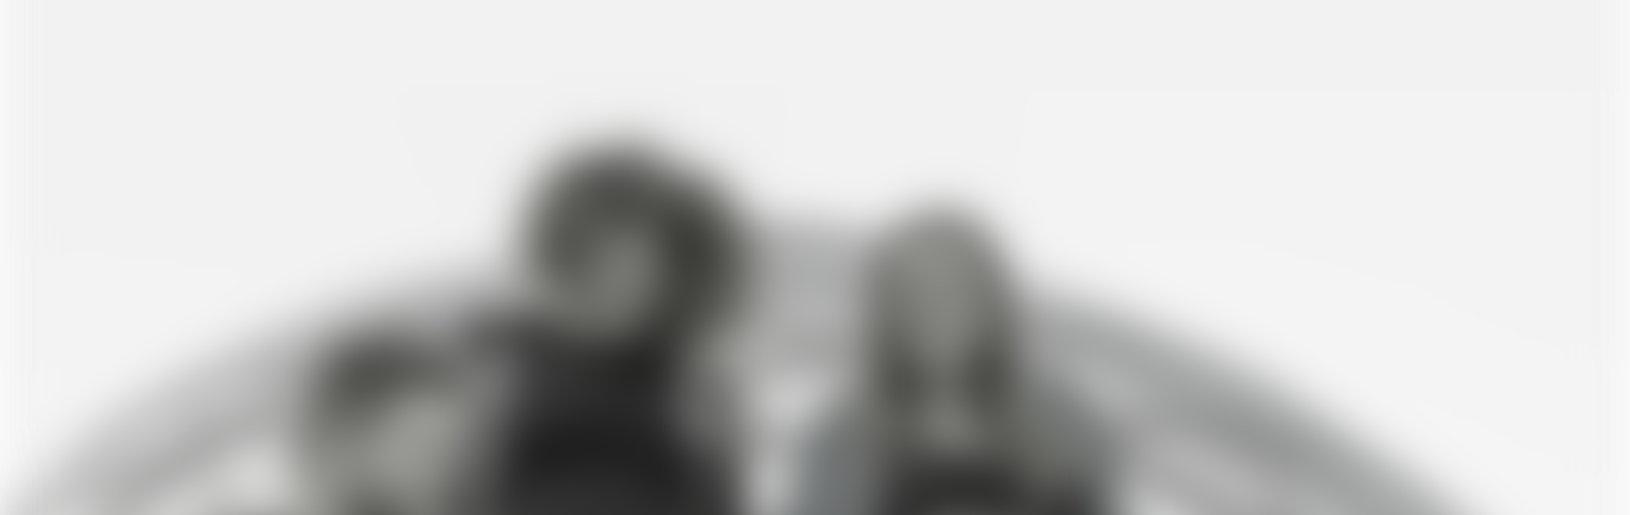 header blur 02.jpg